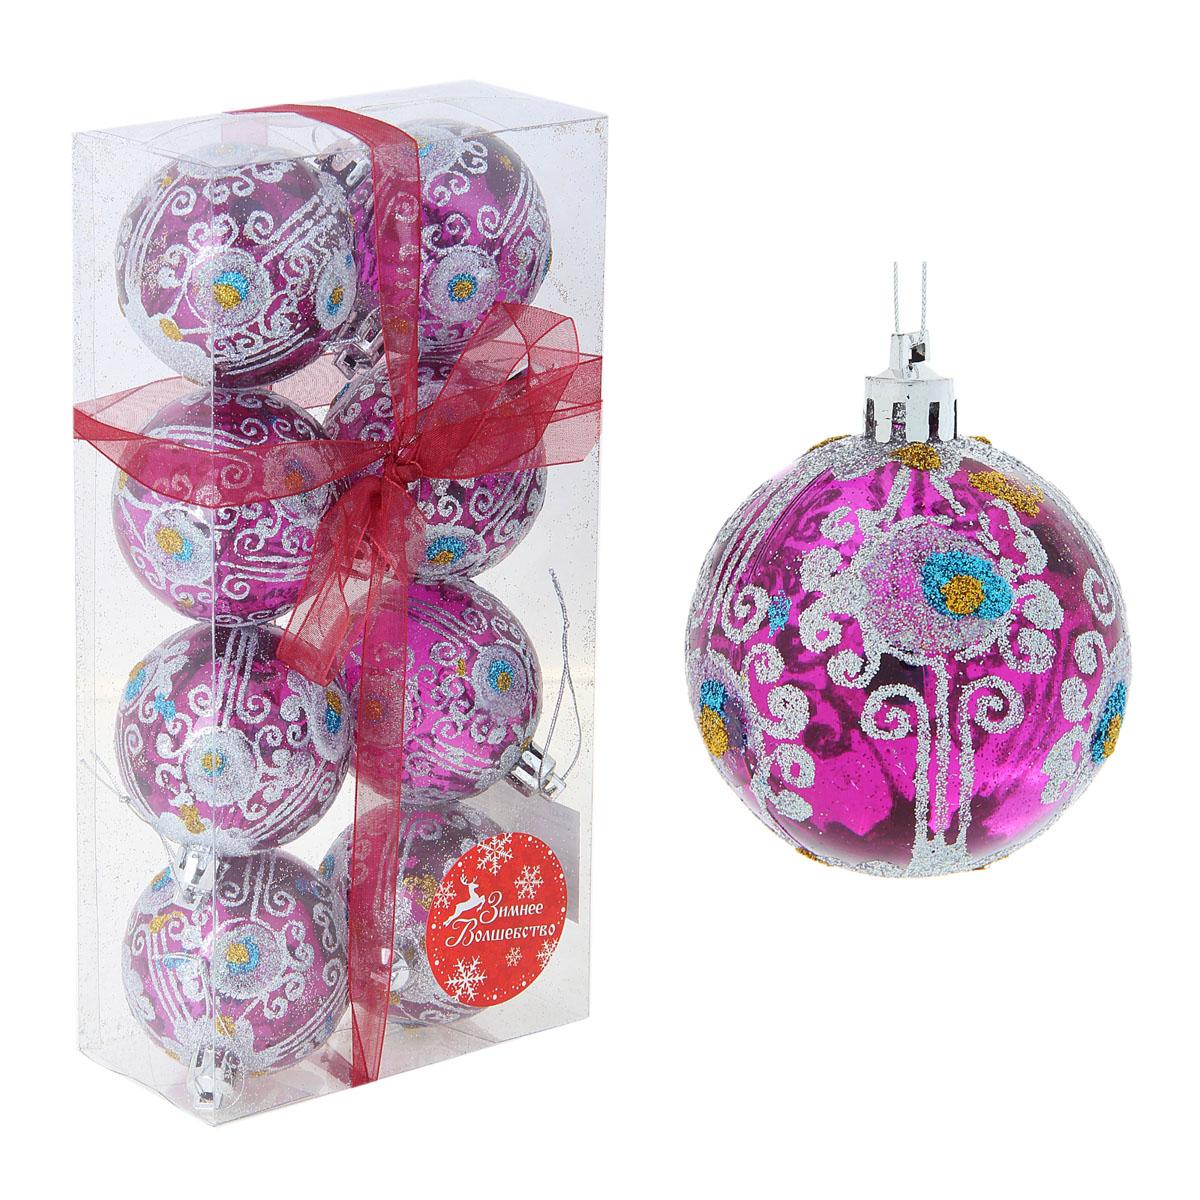 Набор новогодних подвесных украшений Sima-land Шар, диаметр 6 см, 8 шт. 334353334353Набор новогодних подвесных украшений Sima-land Шар прекрасно подойдет для праздничного декора новогодней ели. Набор состоит из 8 игрушек, выполненных из пластика и украшенных блестками и стразами. Для удобного размещения на елке для каждой игрушки предусмотрена текстильная петелька. Елочная игрушка - символ Нового года. Она несет в себе волшебство и красоту праздника. Создайте в своем доме атмосферу веселья и радости, украшая новогоднюю елку нарядными игрушками, которые будут из года в год накапливать теплоту воспоминаний. Коллекция декоративных украшений принесет в ваш дом ни с чем не сравнимое ощущение волшебства! Откройте для себя удивительный мир сказок и грез. Почувствуйте волшебные минуты ожидания праздника, создайте новогоднее настроение вашим дорогим и близким.